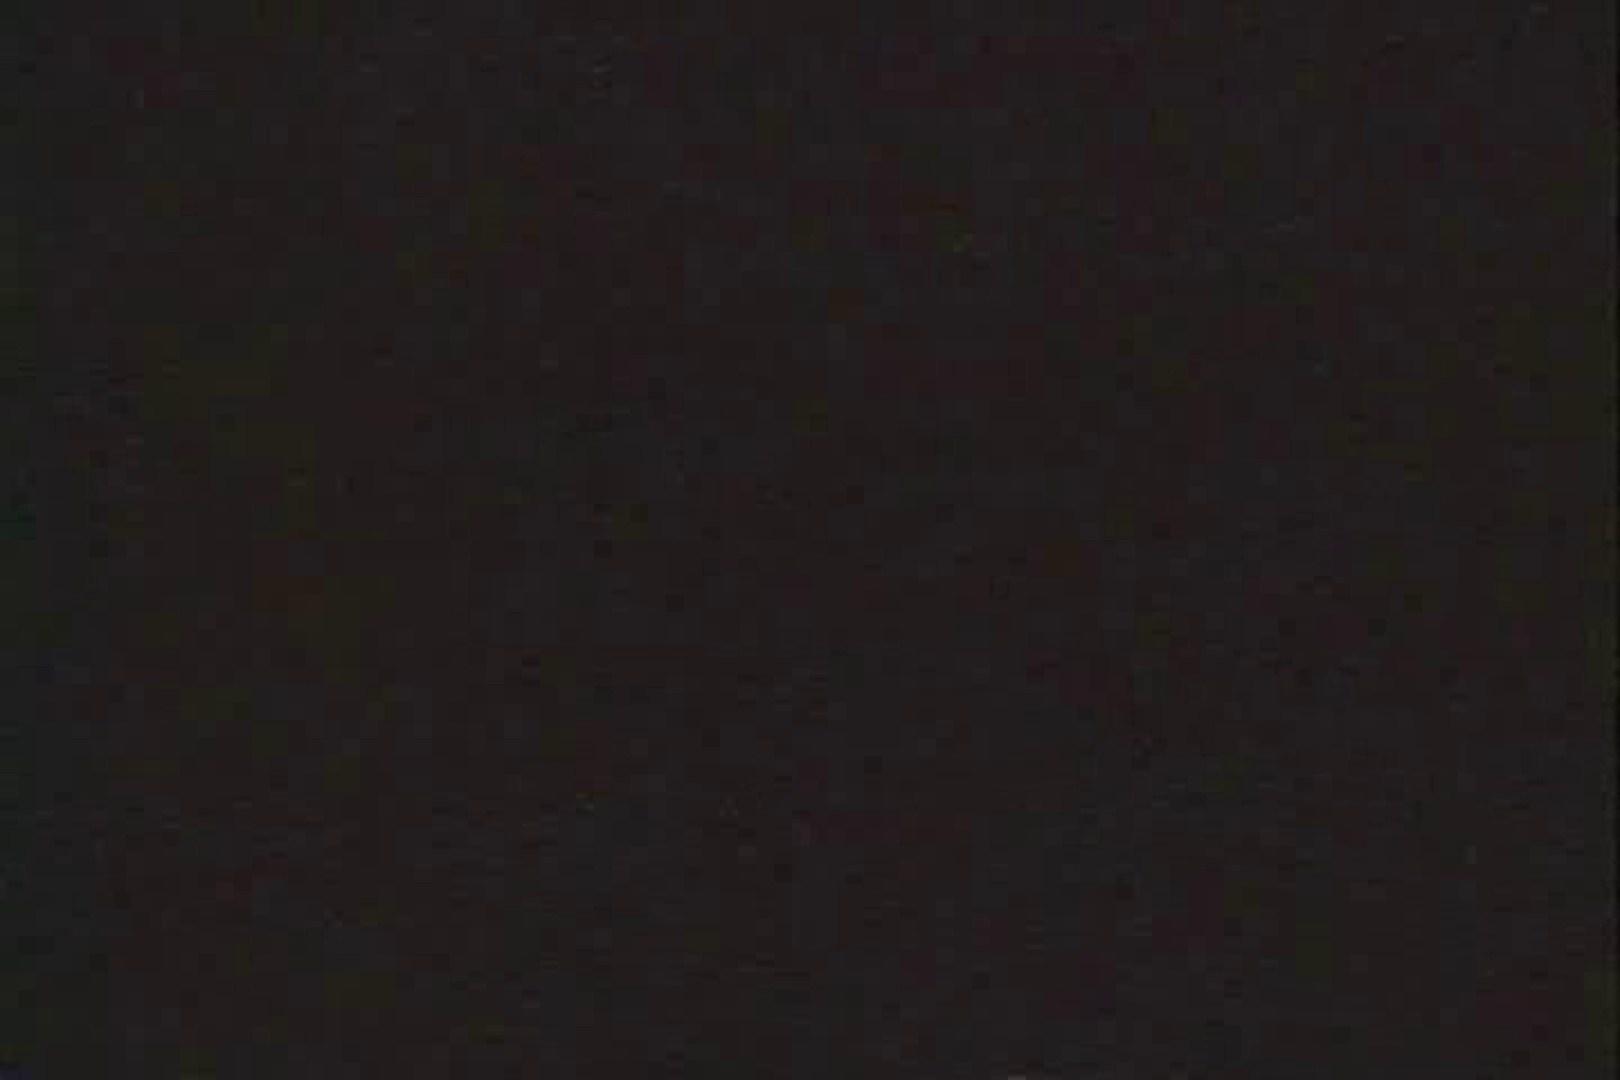 「ちくりん」さんのオリジナル未編集パンチラVol.1_01 独身エッチOL | チラ  92pic 55